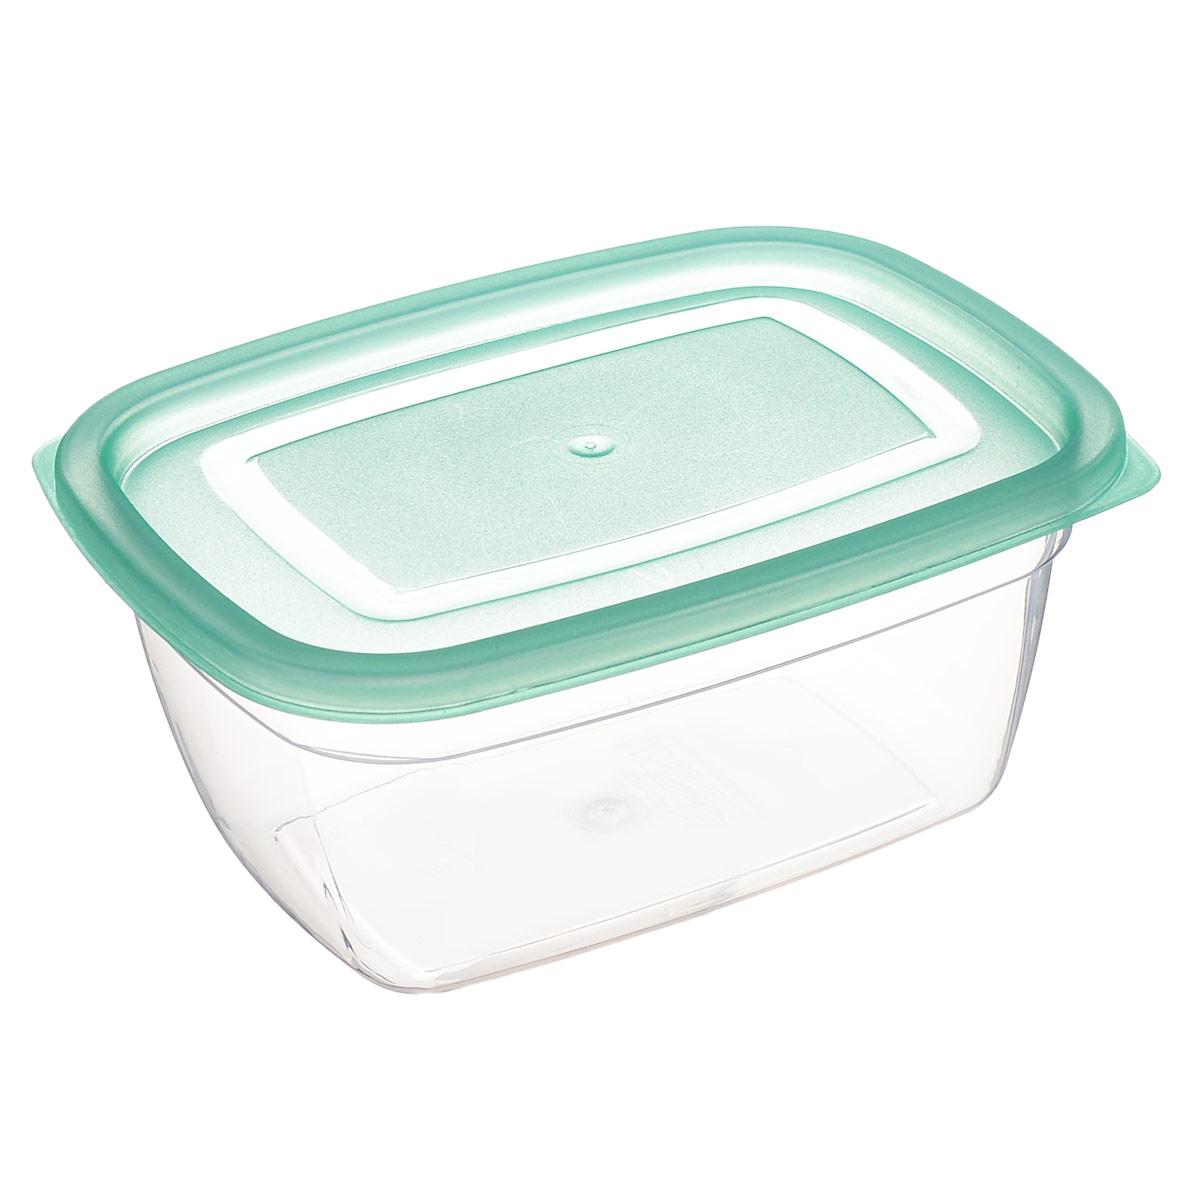 Контейнер Dunya Plastik, цвет: бирюзовый, 0,95 л30082 бирюзовыйКонтейнер Dunya Plastik изготовлен из высококачественного пищевого пластика, который выдерживает температуру от -40°С до +100°С. Контейнер безопасен для здоровья, не содержит BPA. Контейнер имеет прямоугольную форму и оснащен плотно закрывающейся крышкой. Изделие подходит для контакта с пищевыми продуктами. Можно мыть в посудомоечной машине. Размер контейнера (с учетом крышки): 17 см х 12,5 см х 7,5 см.